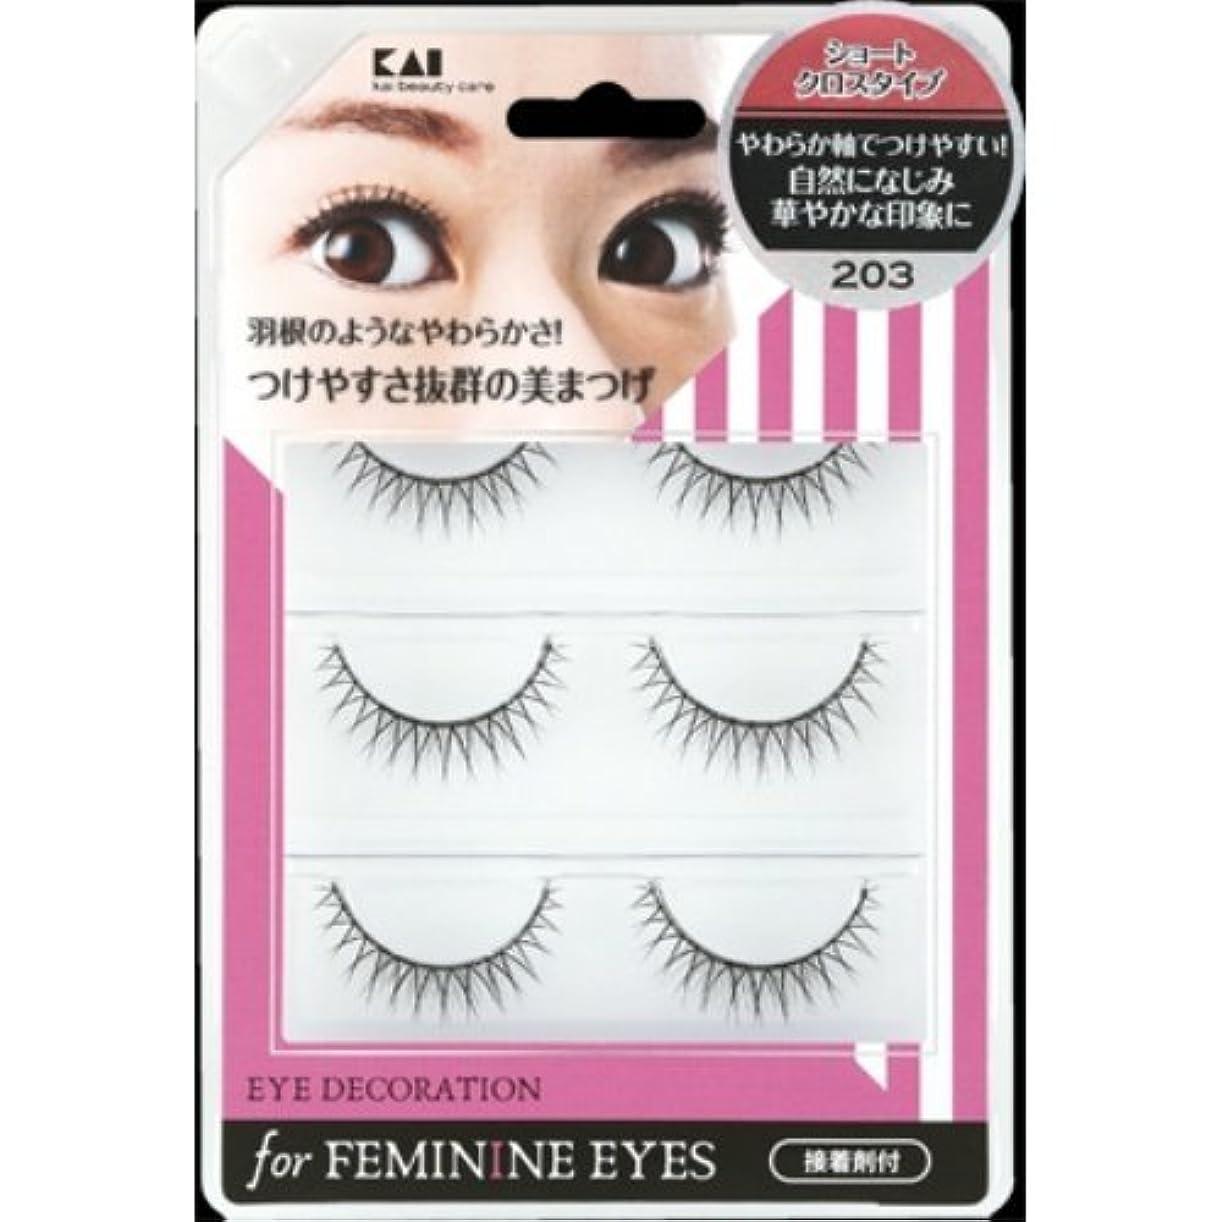 アスペクト最も遠いいとこ貝印 アイデコレーション for feminine eyes 203 HC1560